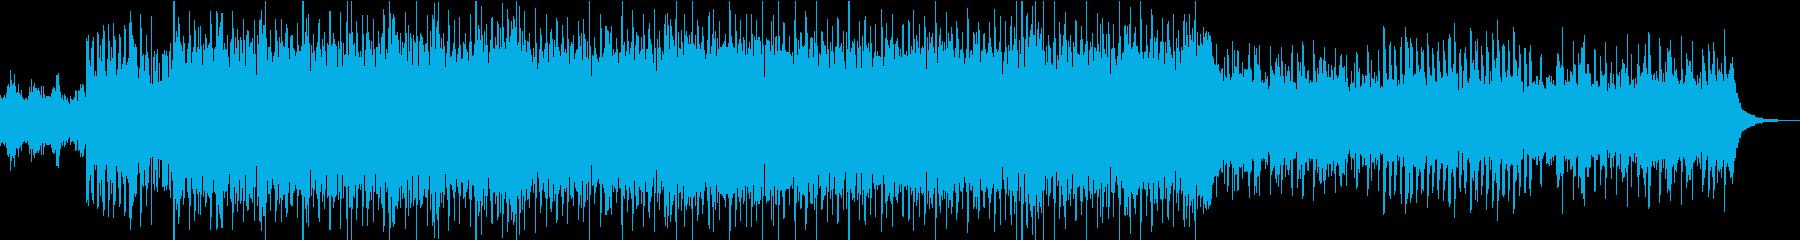 爽やかなEDMエレクトロの再生済みの波形